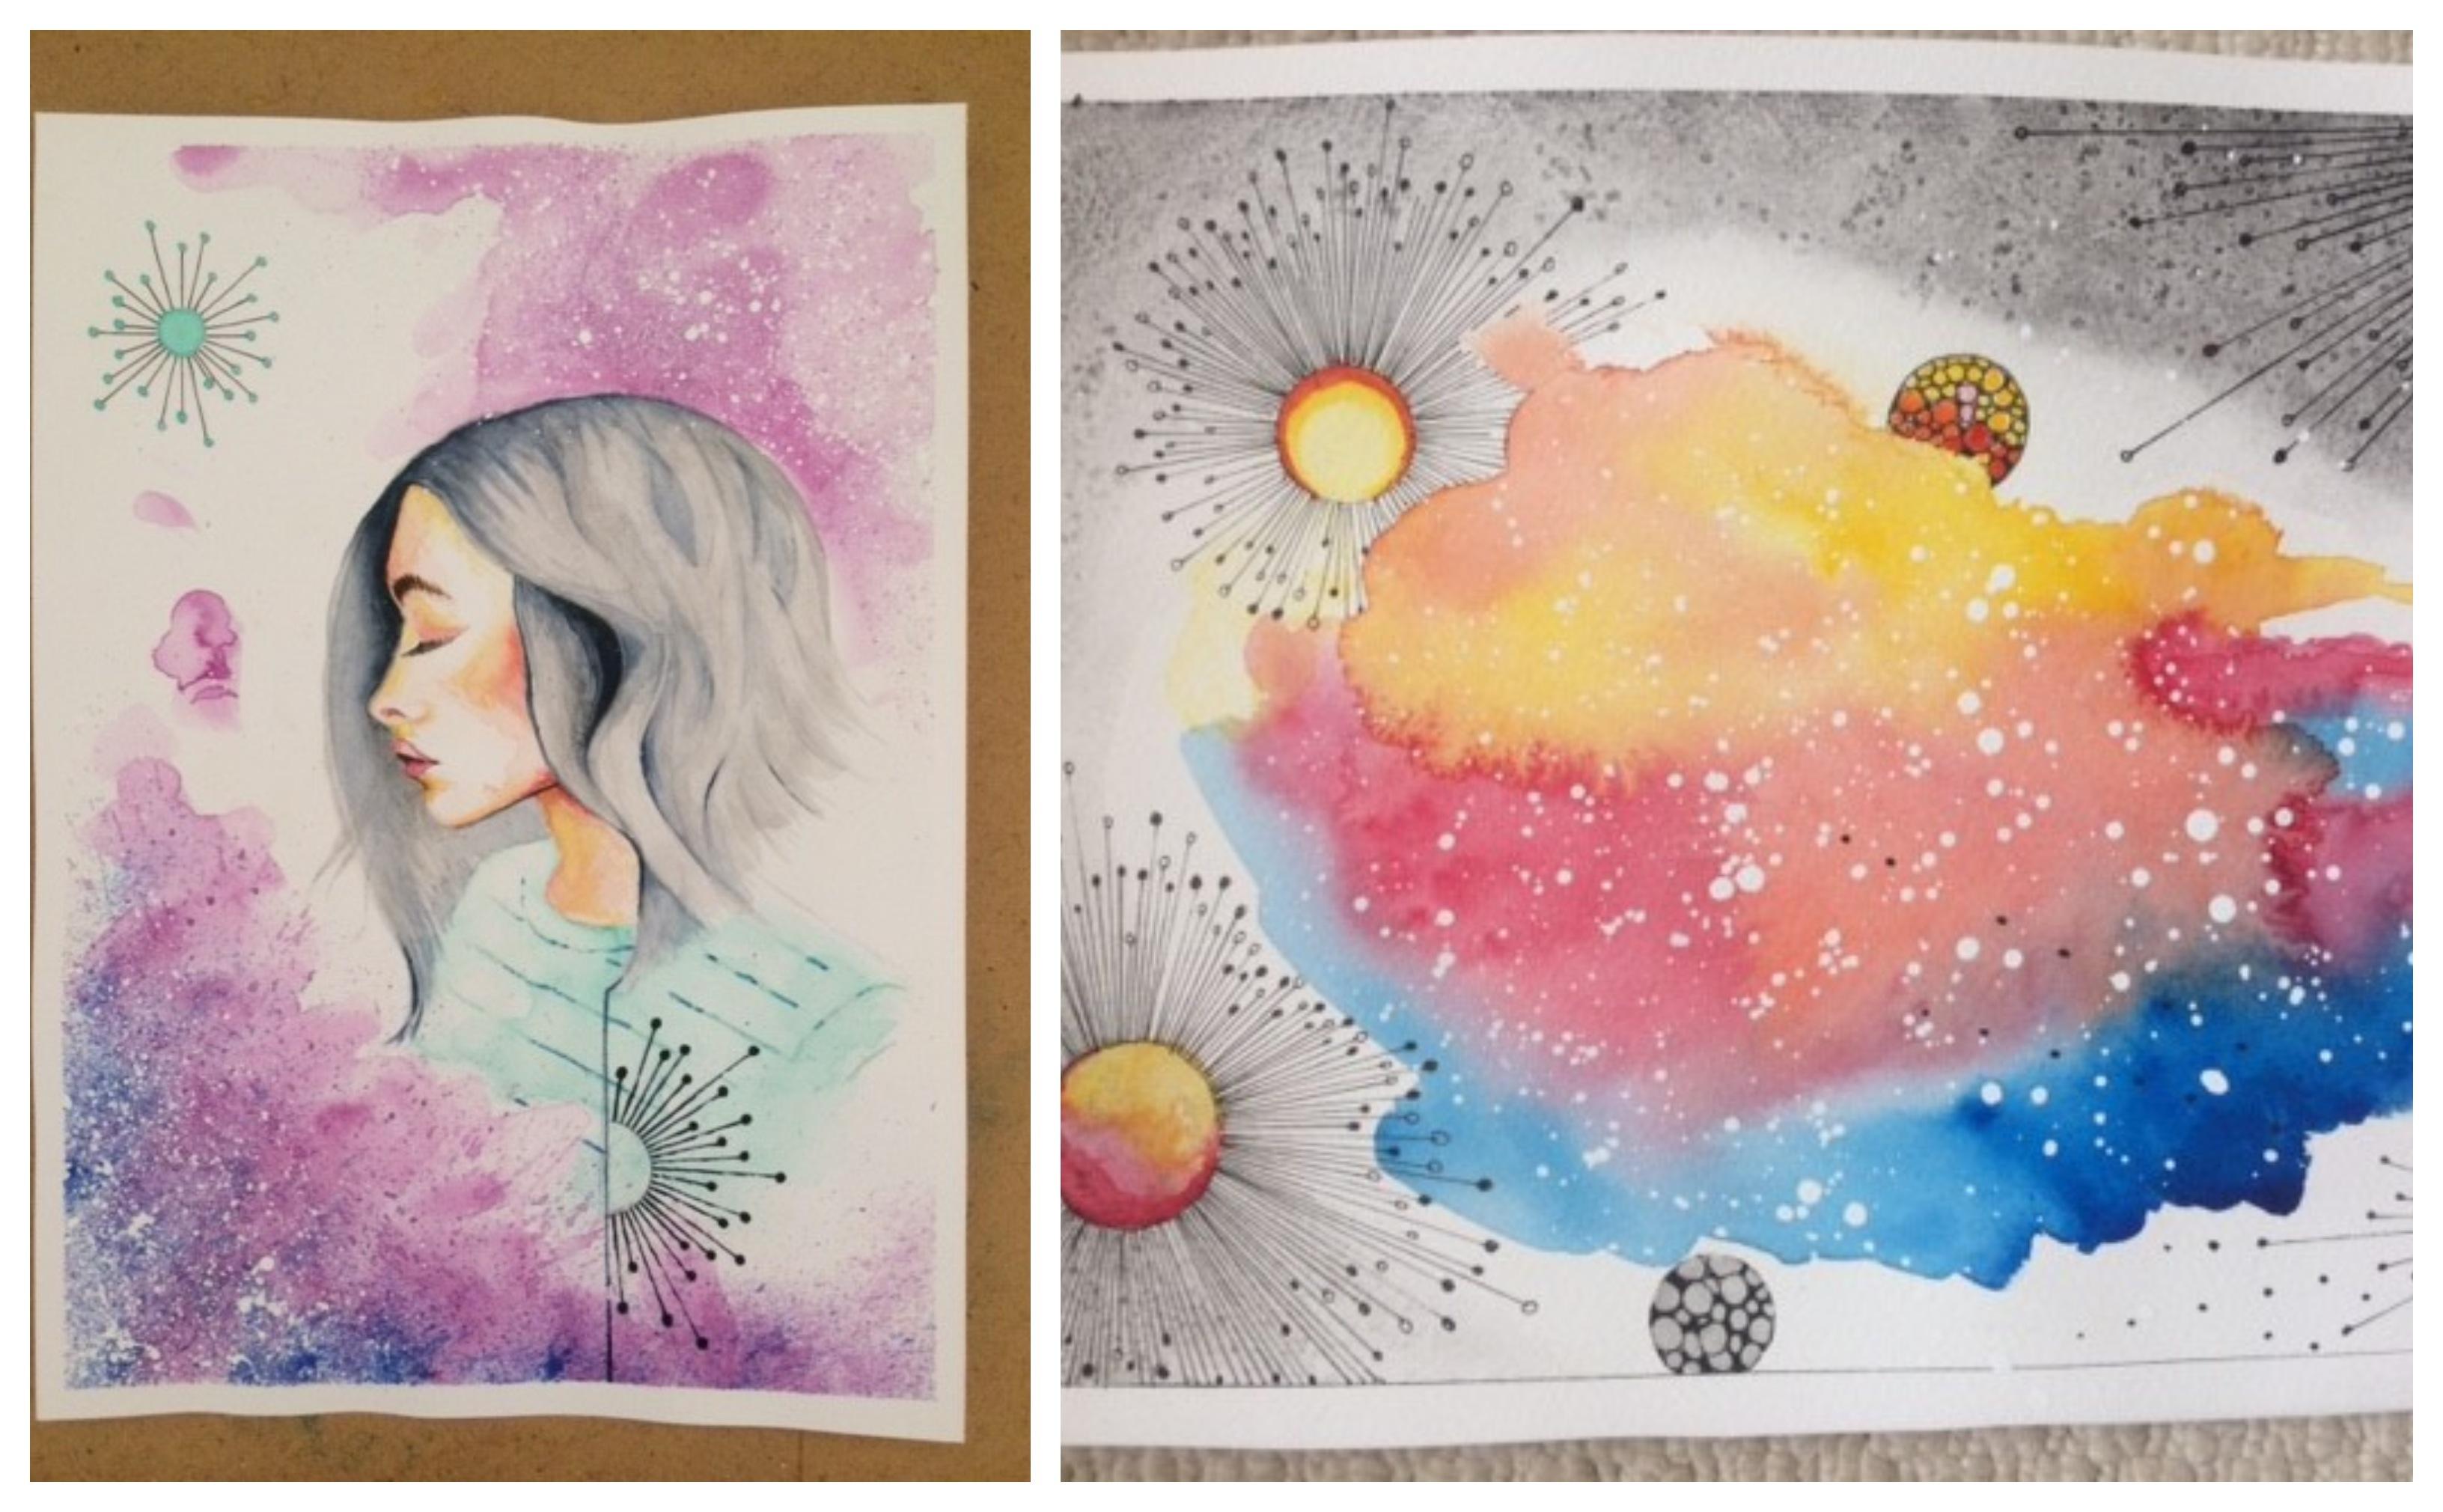 Zoe Collage 2